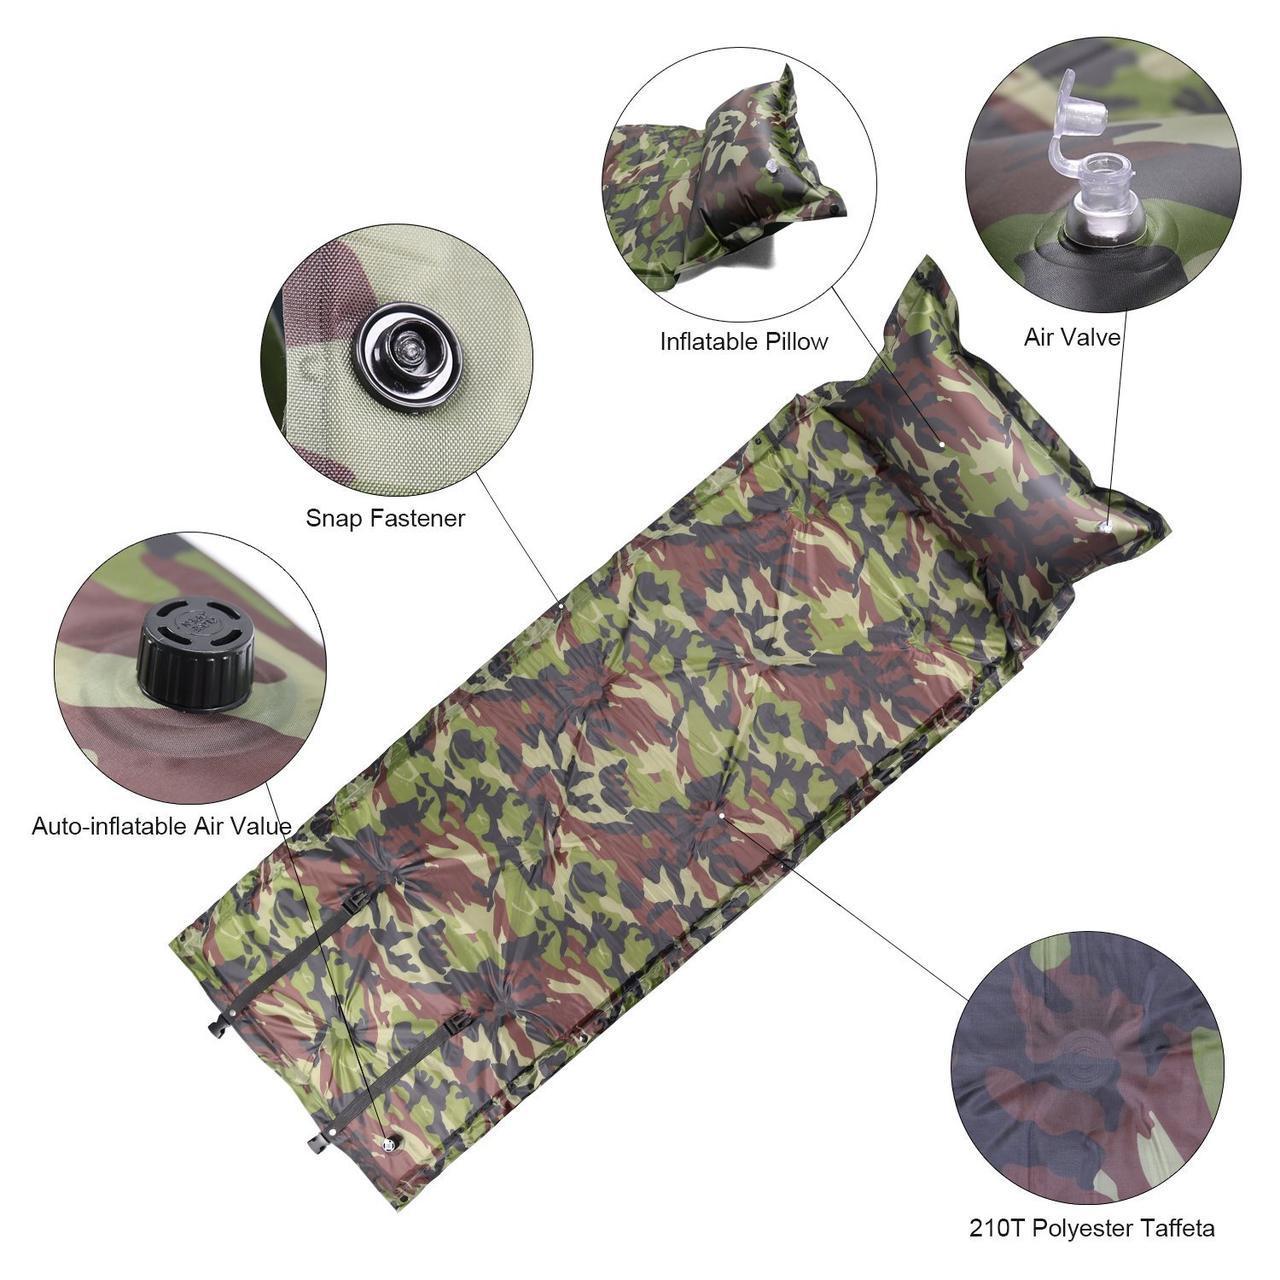 Коврик, каремат, туристический, с подушкой, комуфляжный, военный, рыбацкий, самонадувной, 190х85см